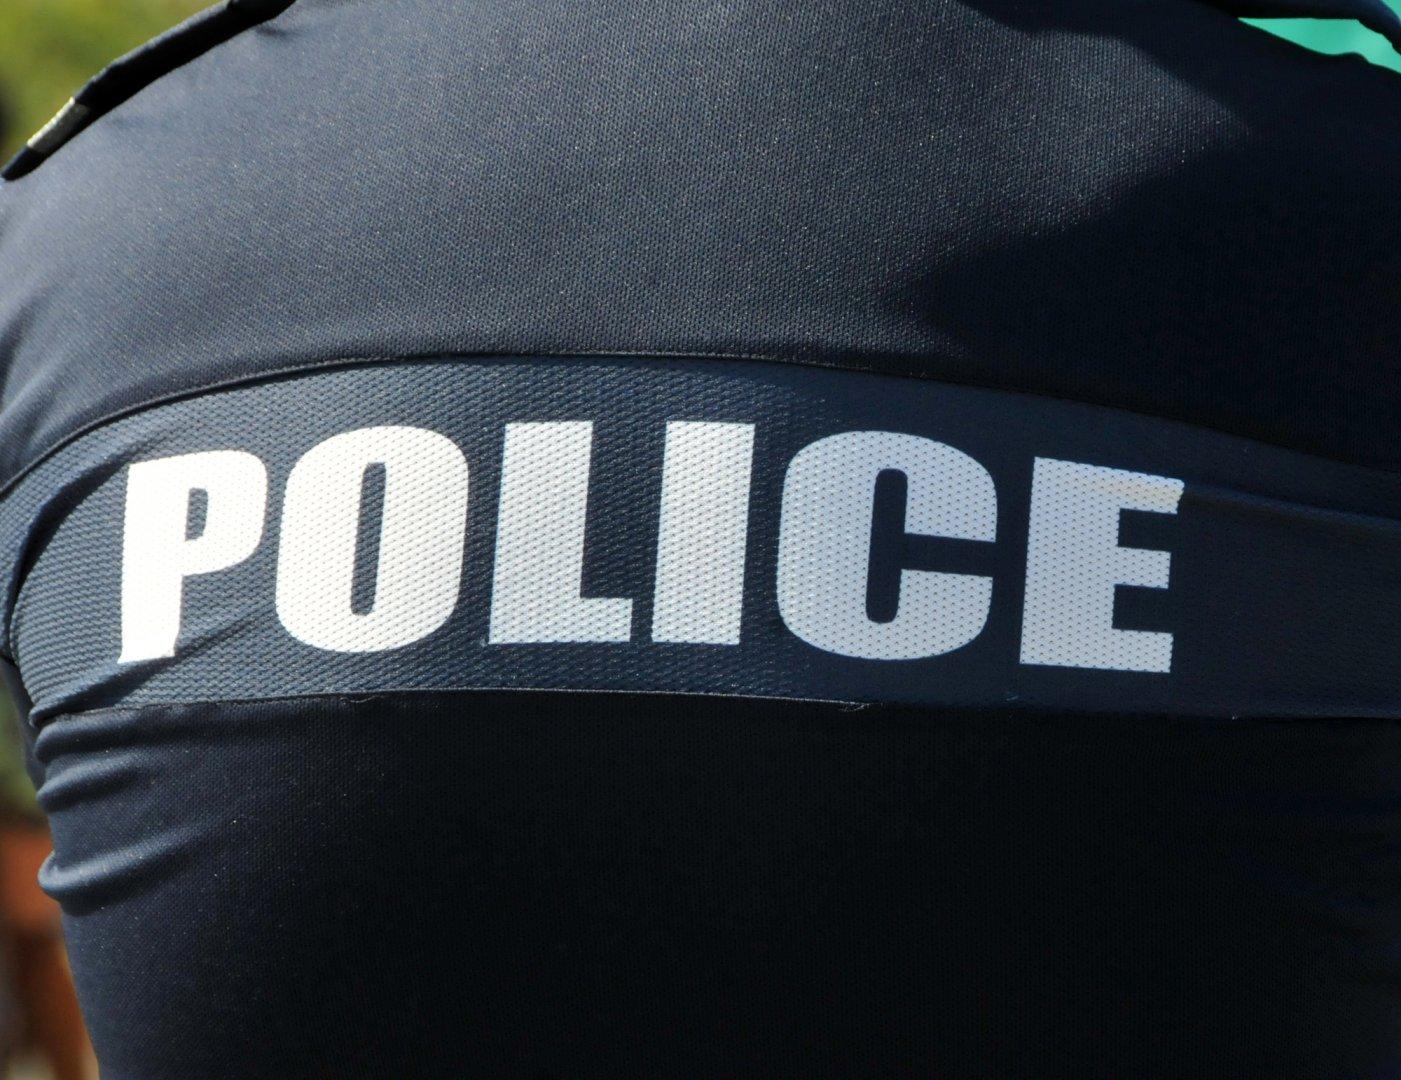 Работата по документиране на престъпната дейност продължава. Снимка Архив Черноморие-бг